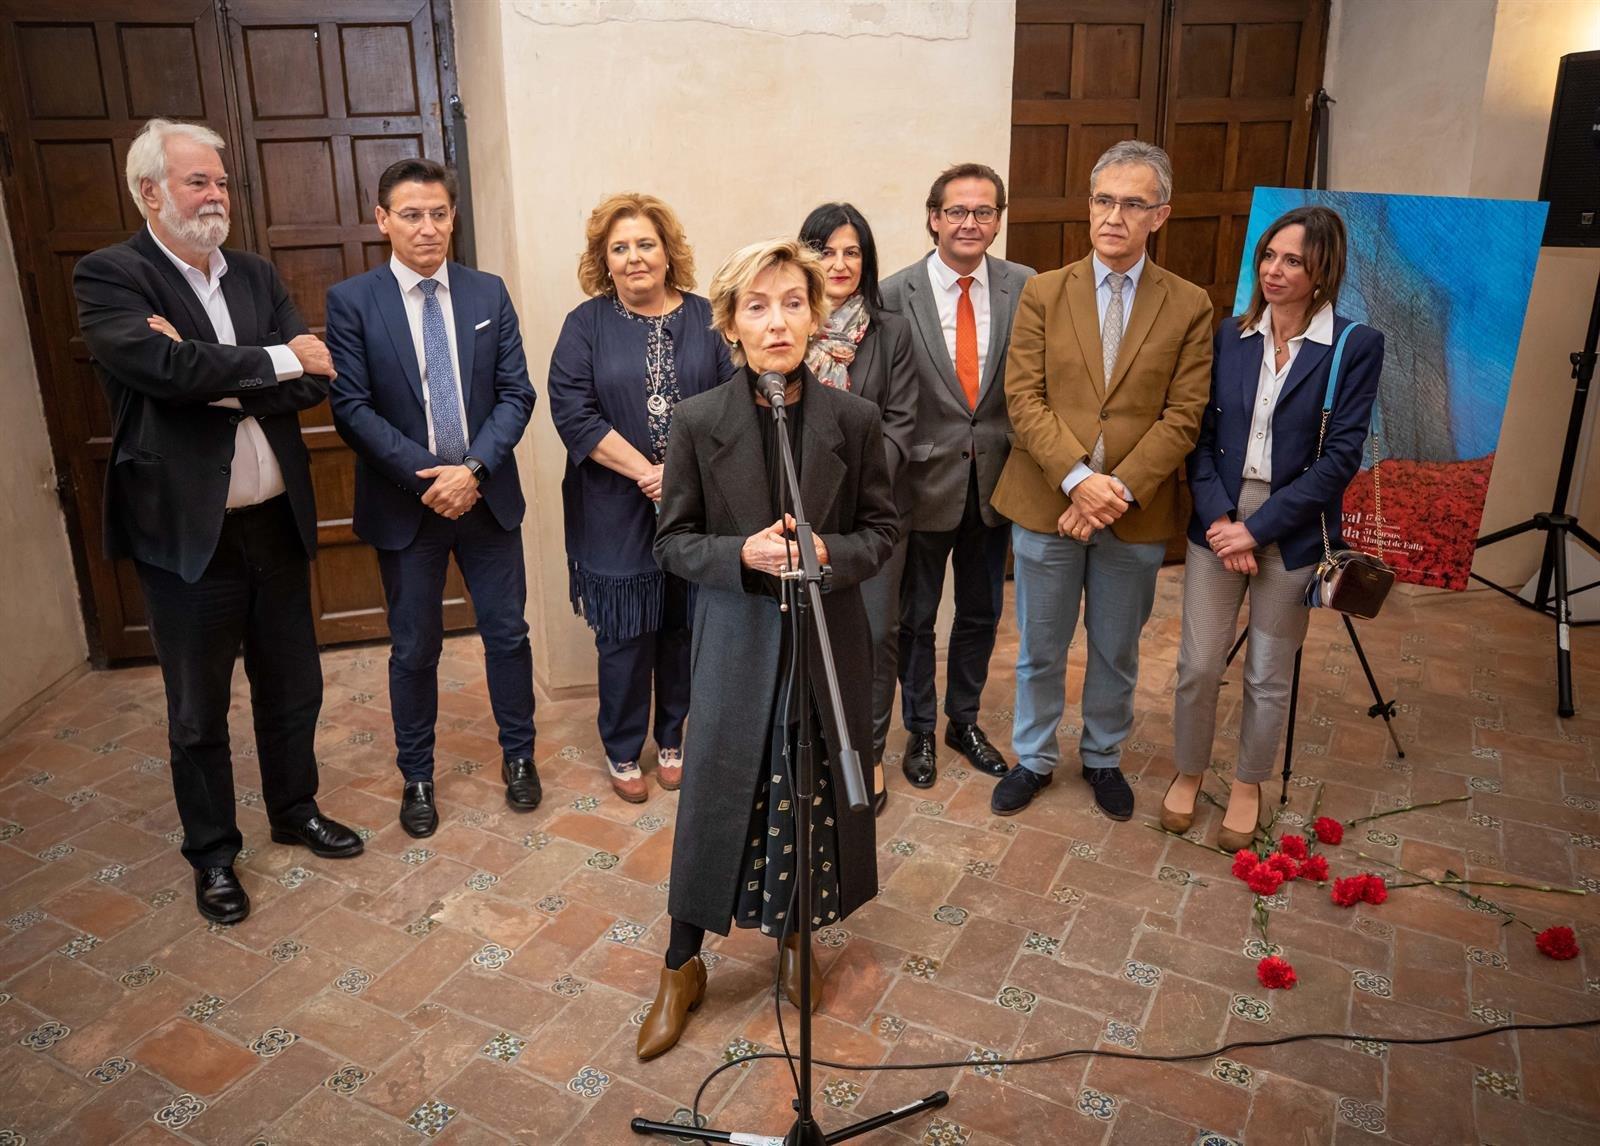 Presentado el cartel de la 69 edición del Festival de Música y Danza obra de Soledad Sevilla